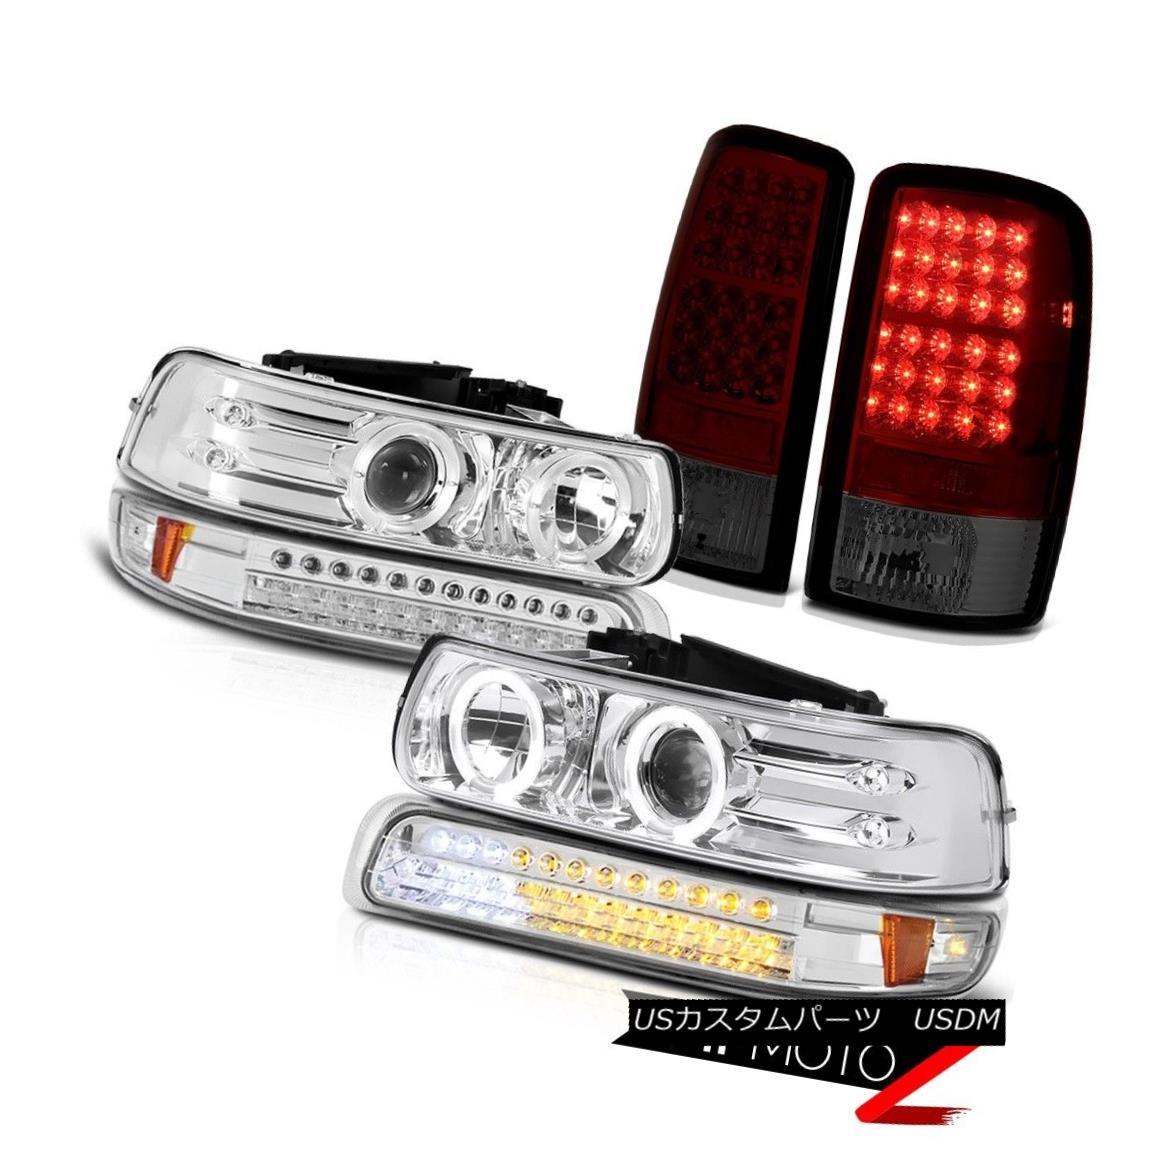 テールライト Projector Headlights Halo LED Euro Signal Smokey Red Tail Lights 00-06 Tahoe プロジェクターヘッドライトHalo LEDユーロ信号スモーキーレッドテールライト00-06タホ